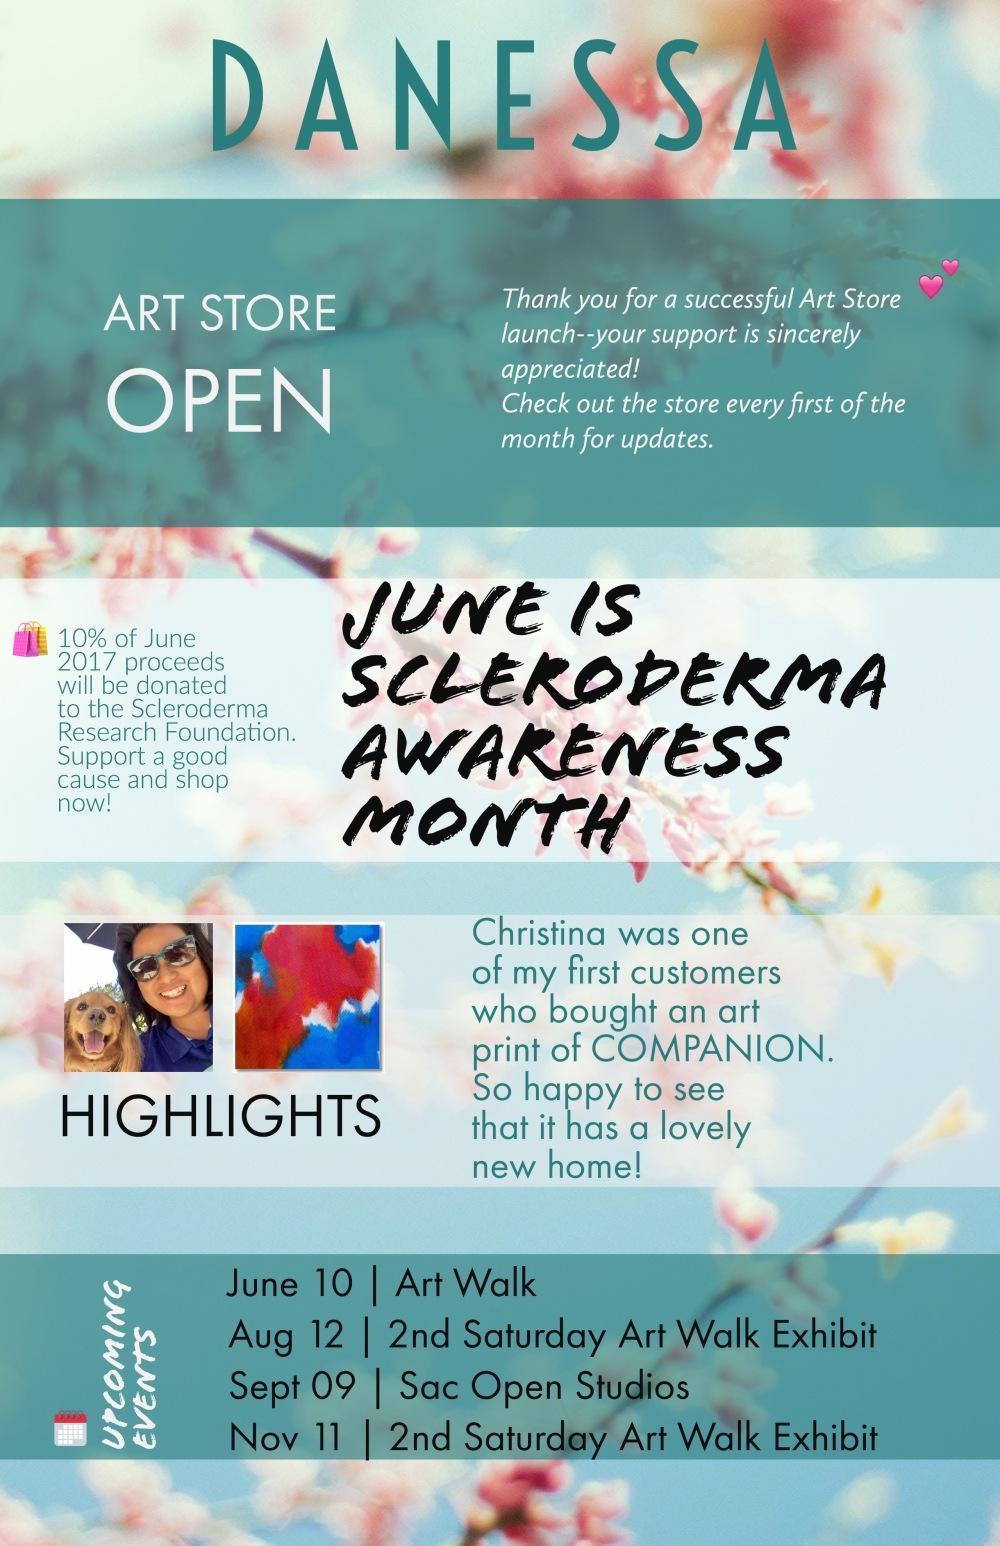 Danessa Newsletter - June 2017.jpg